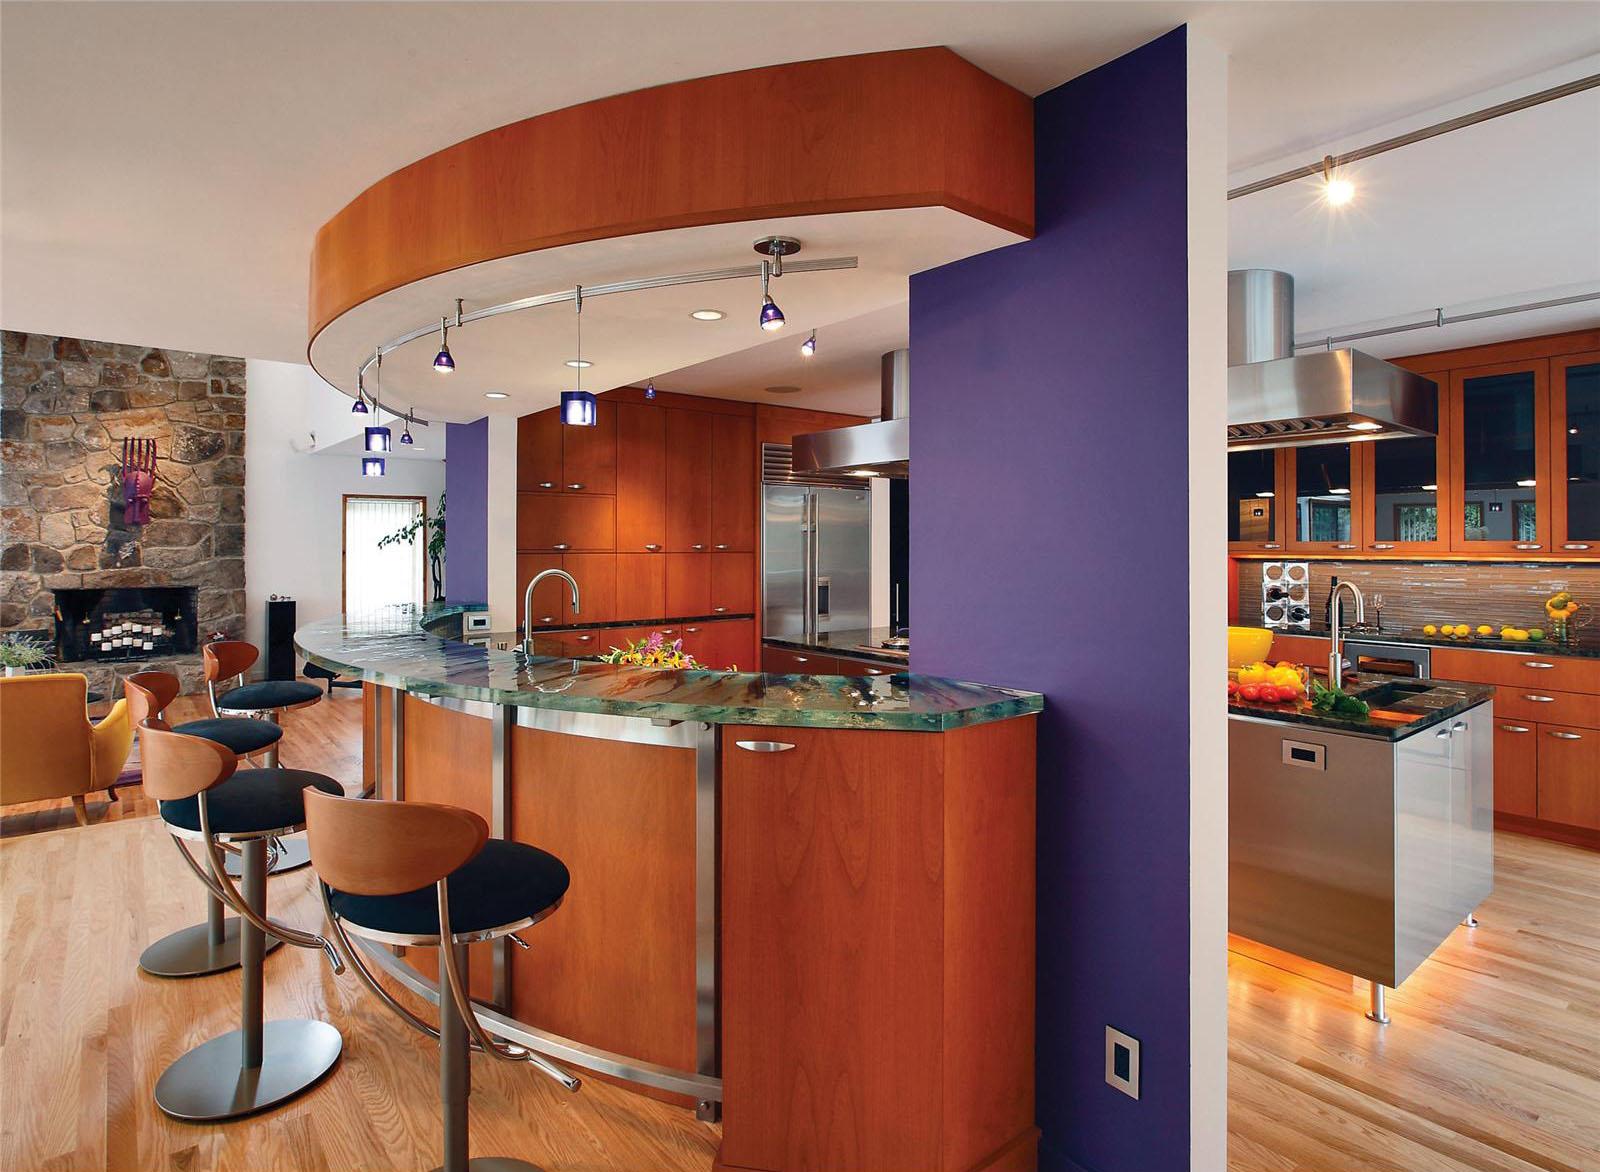 Open Contemporary Kitchen Design Ideas   iDesignArch   Interior Design, Architecture & Interior ...